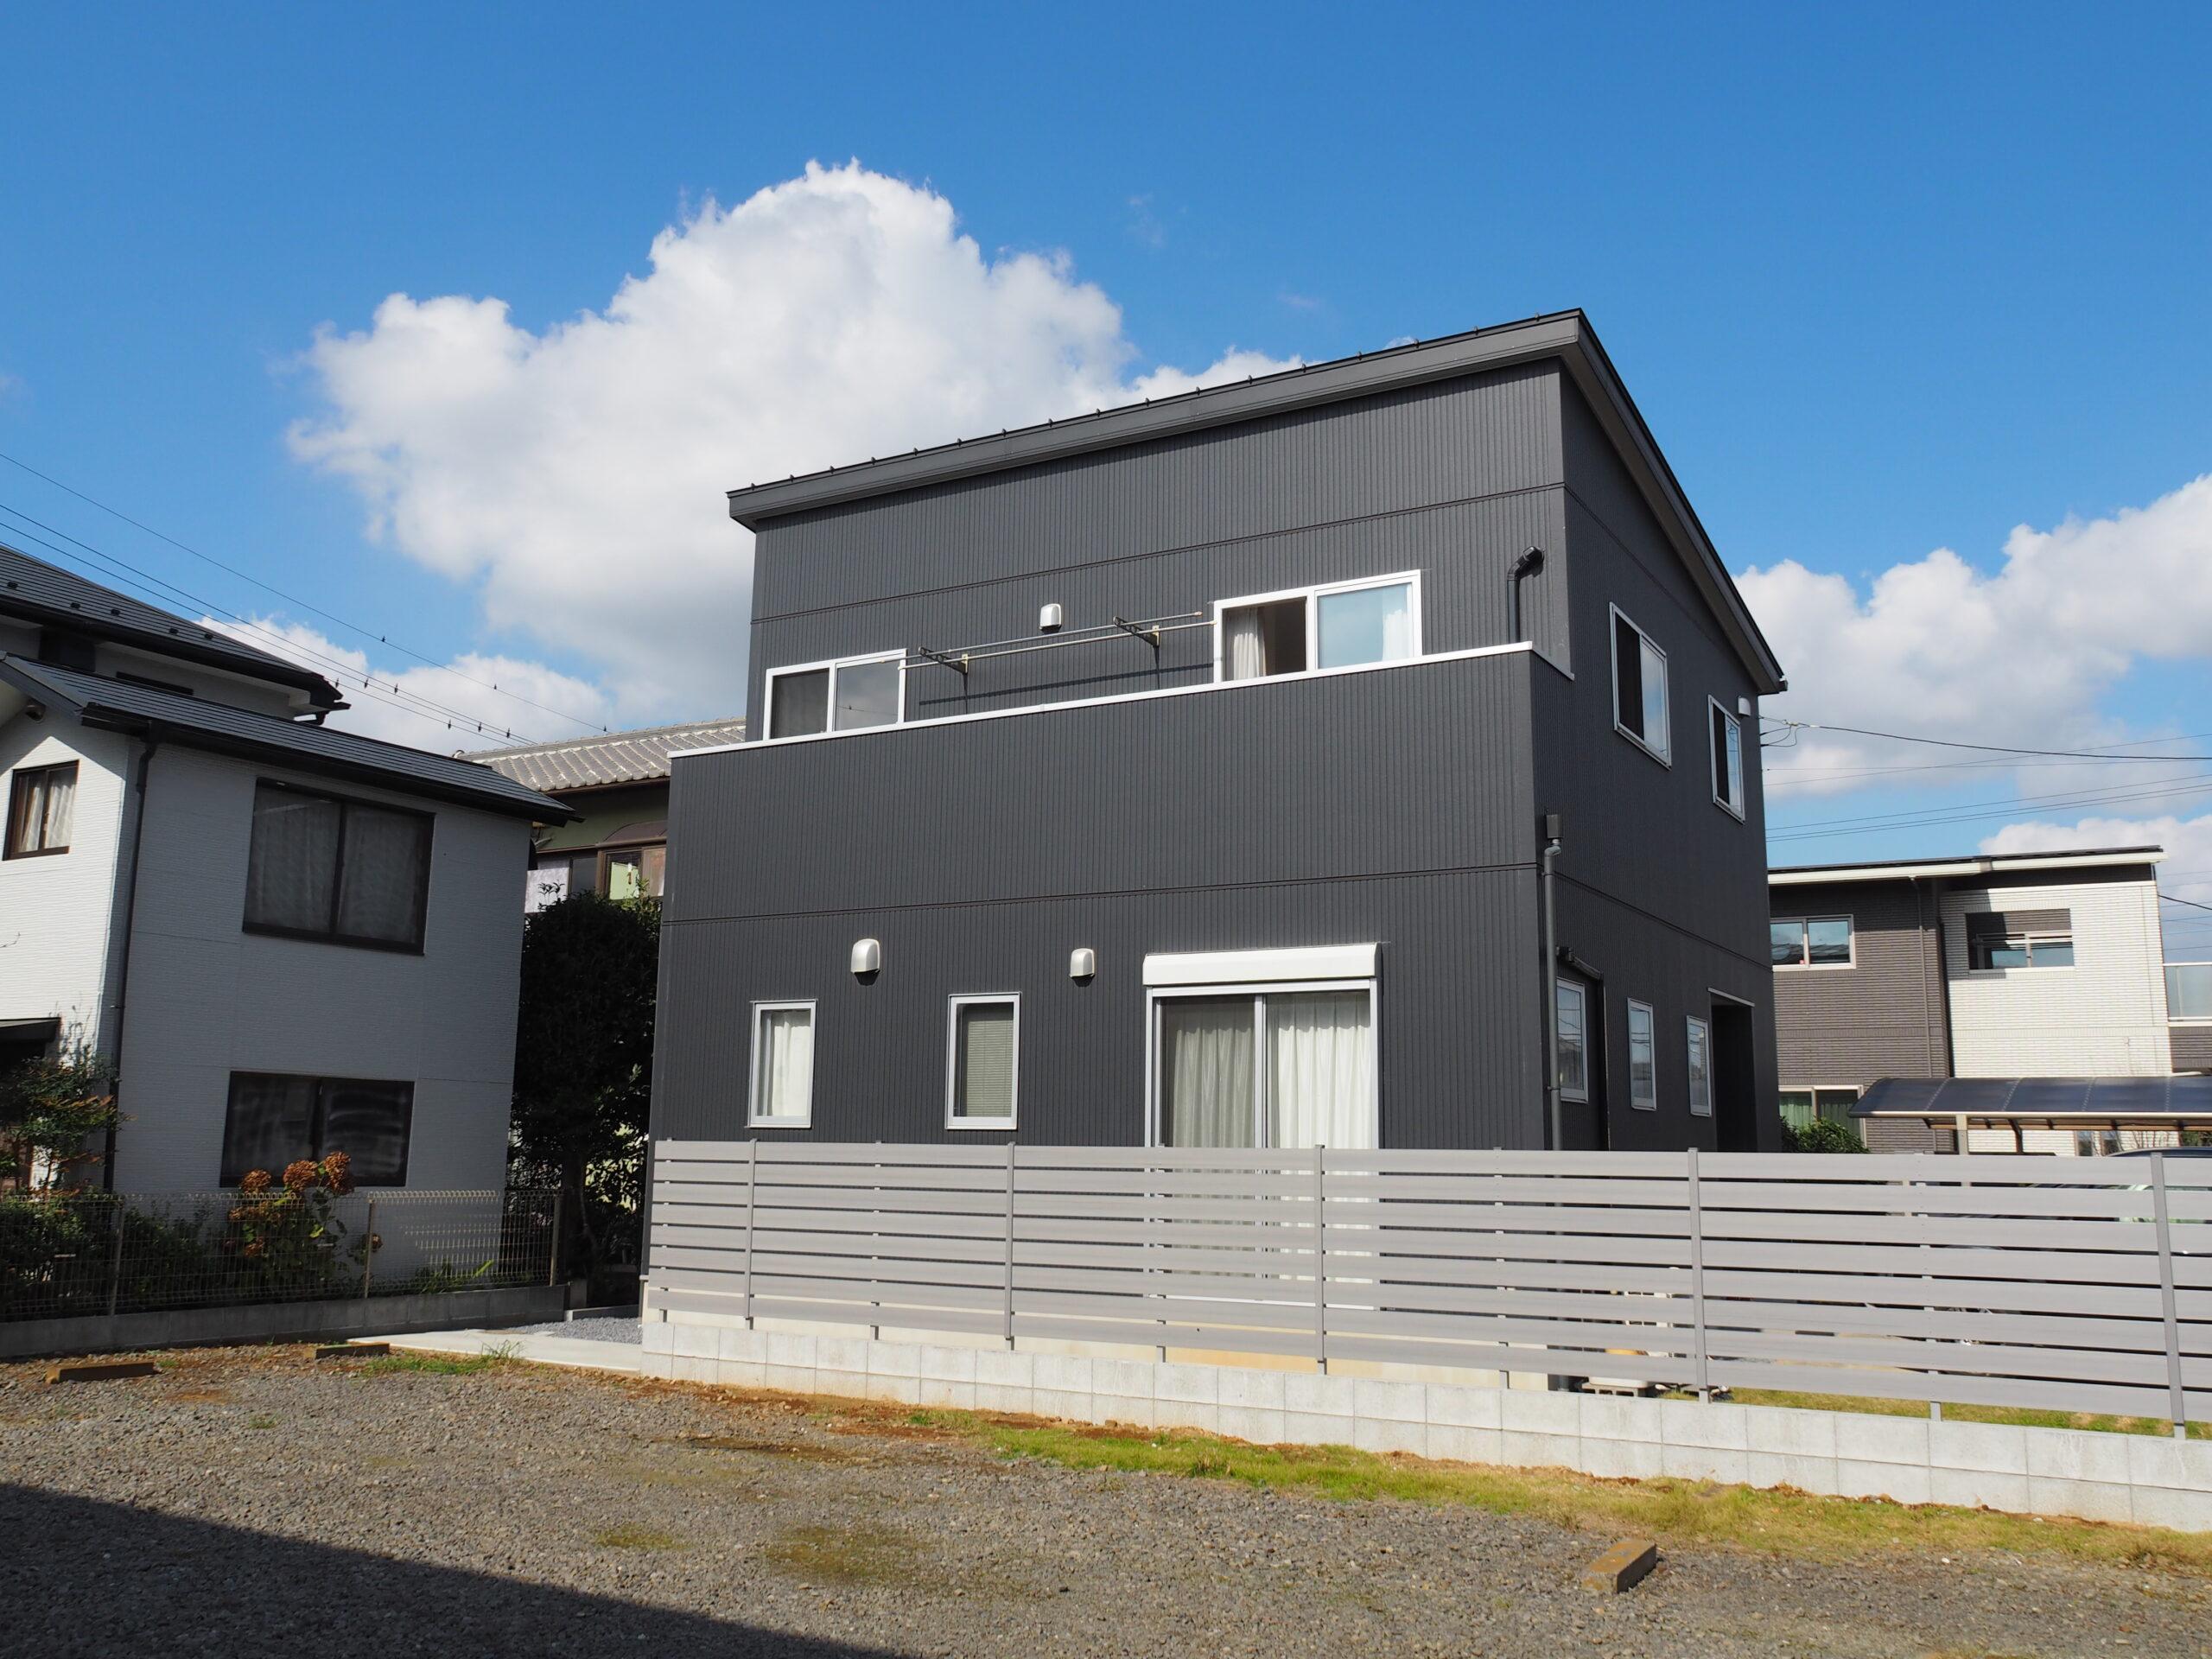 【牛久市 Y様邸】モダンなガルバリウム鋼板の外壁に映える目隠しフェンス設置工事